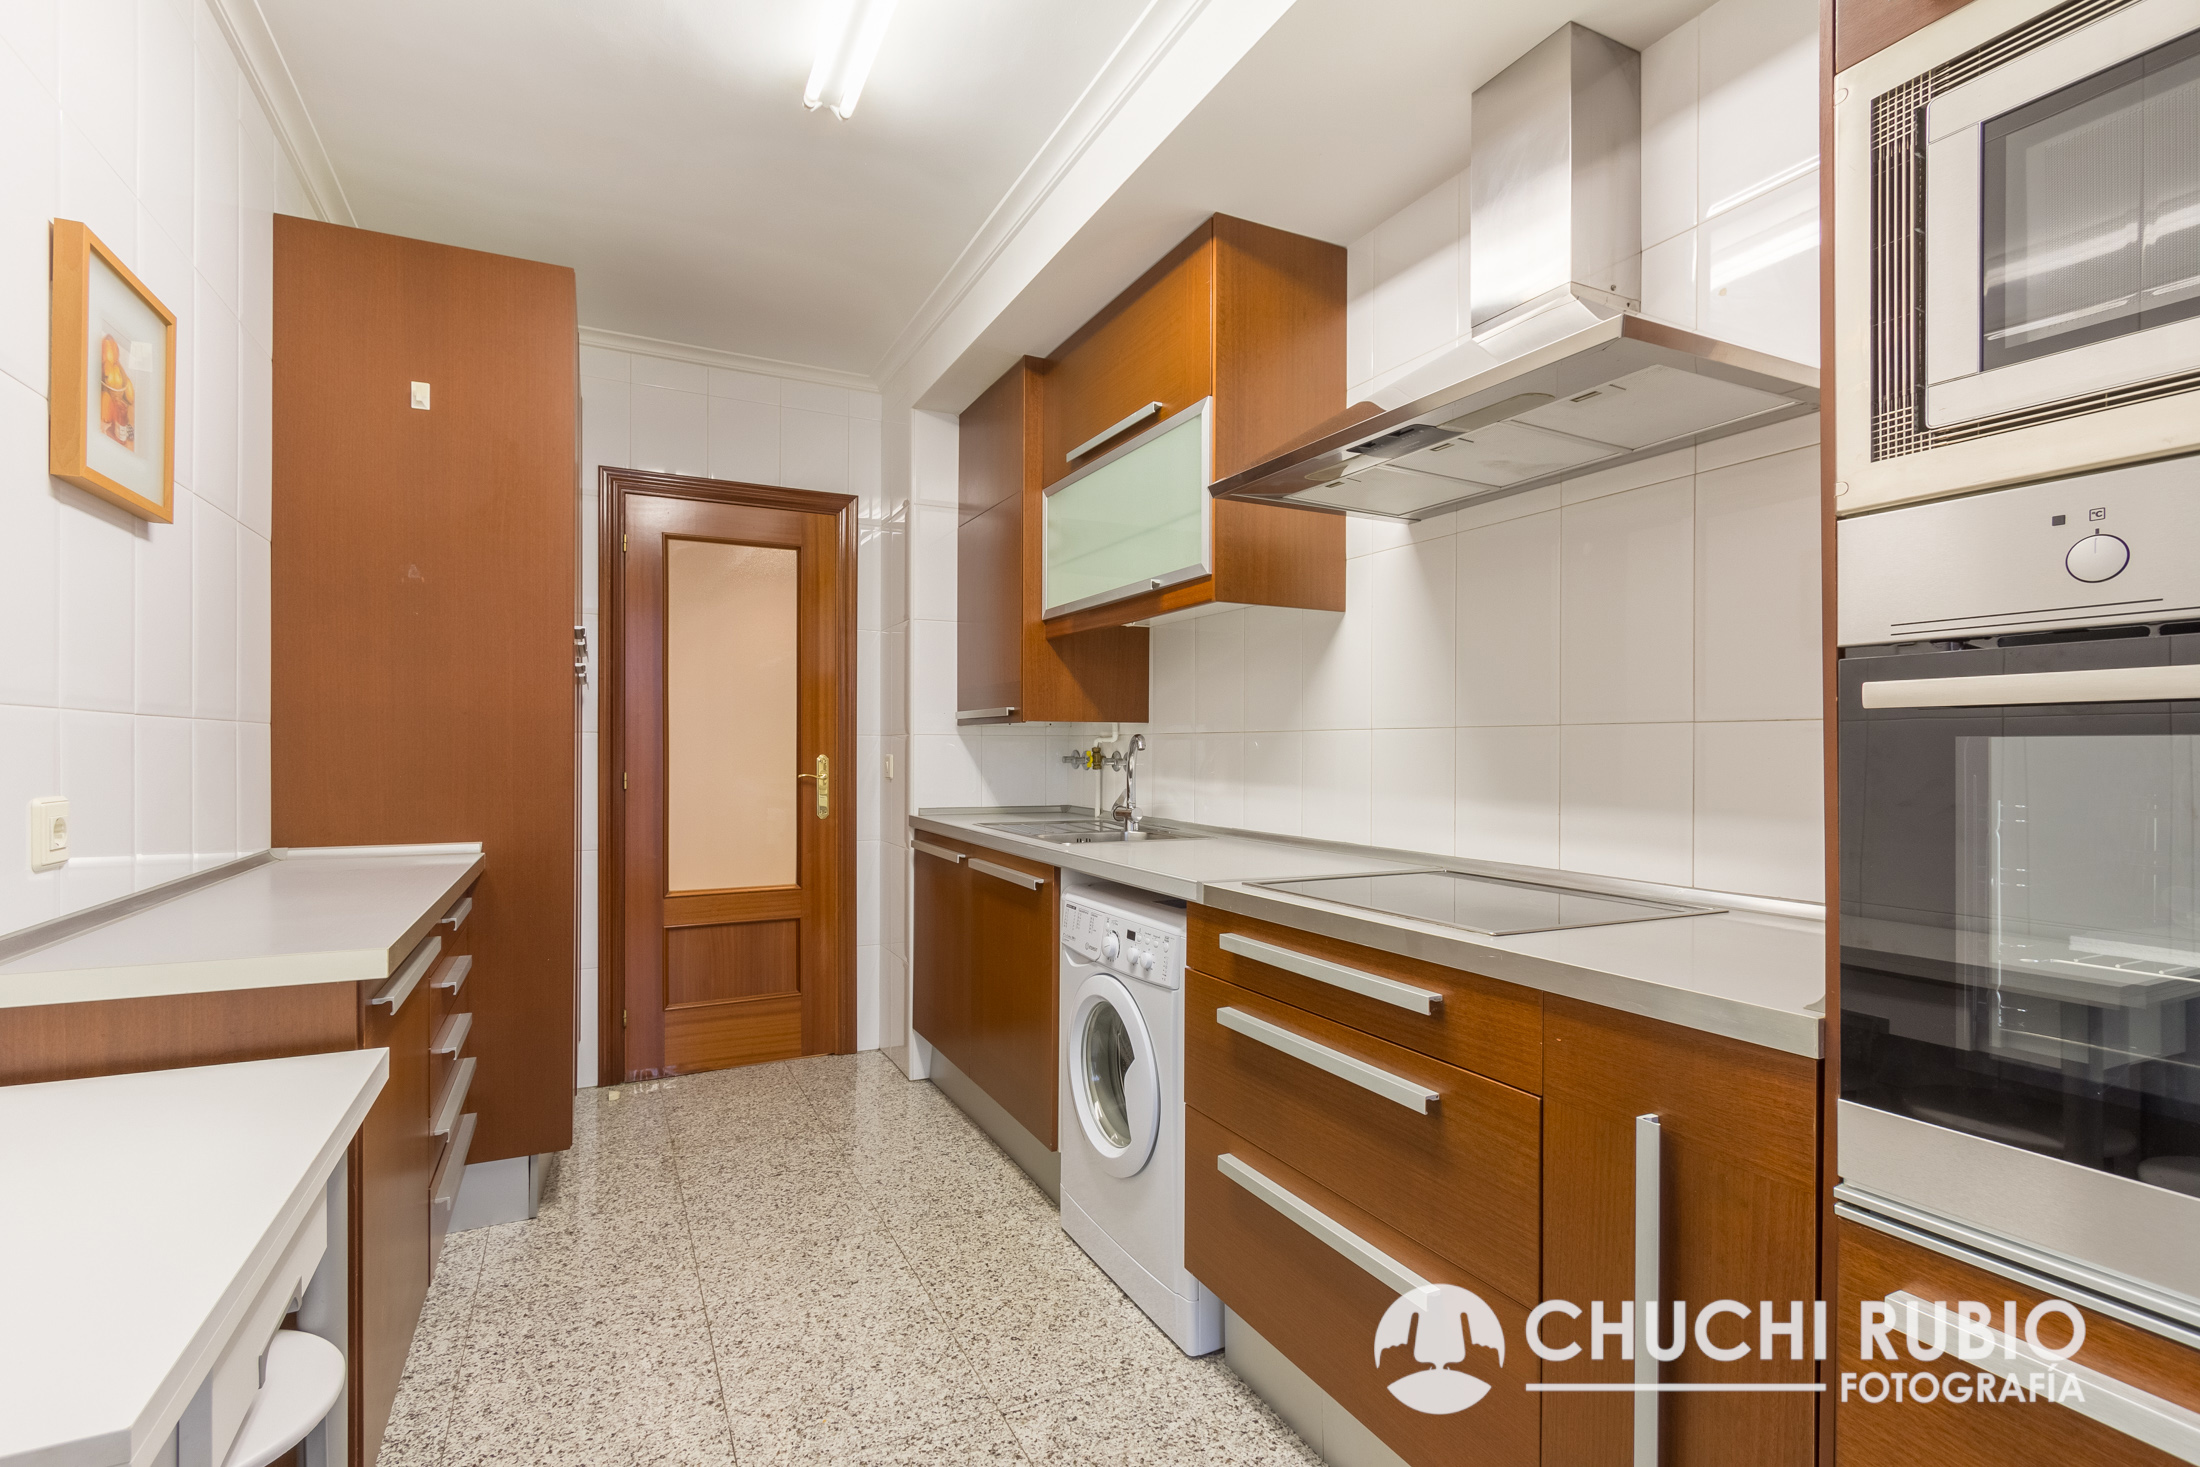 IMG 1085 HDR - Fotografía para Inmobiliarias, venta de pisos, locales...